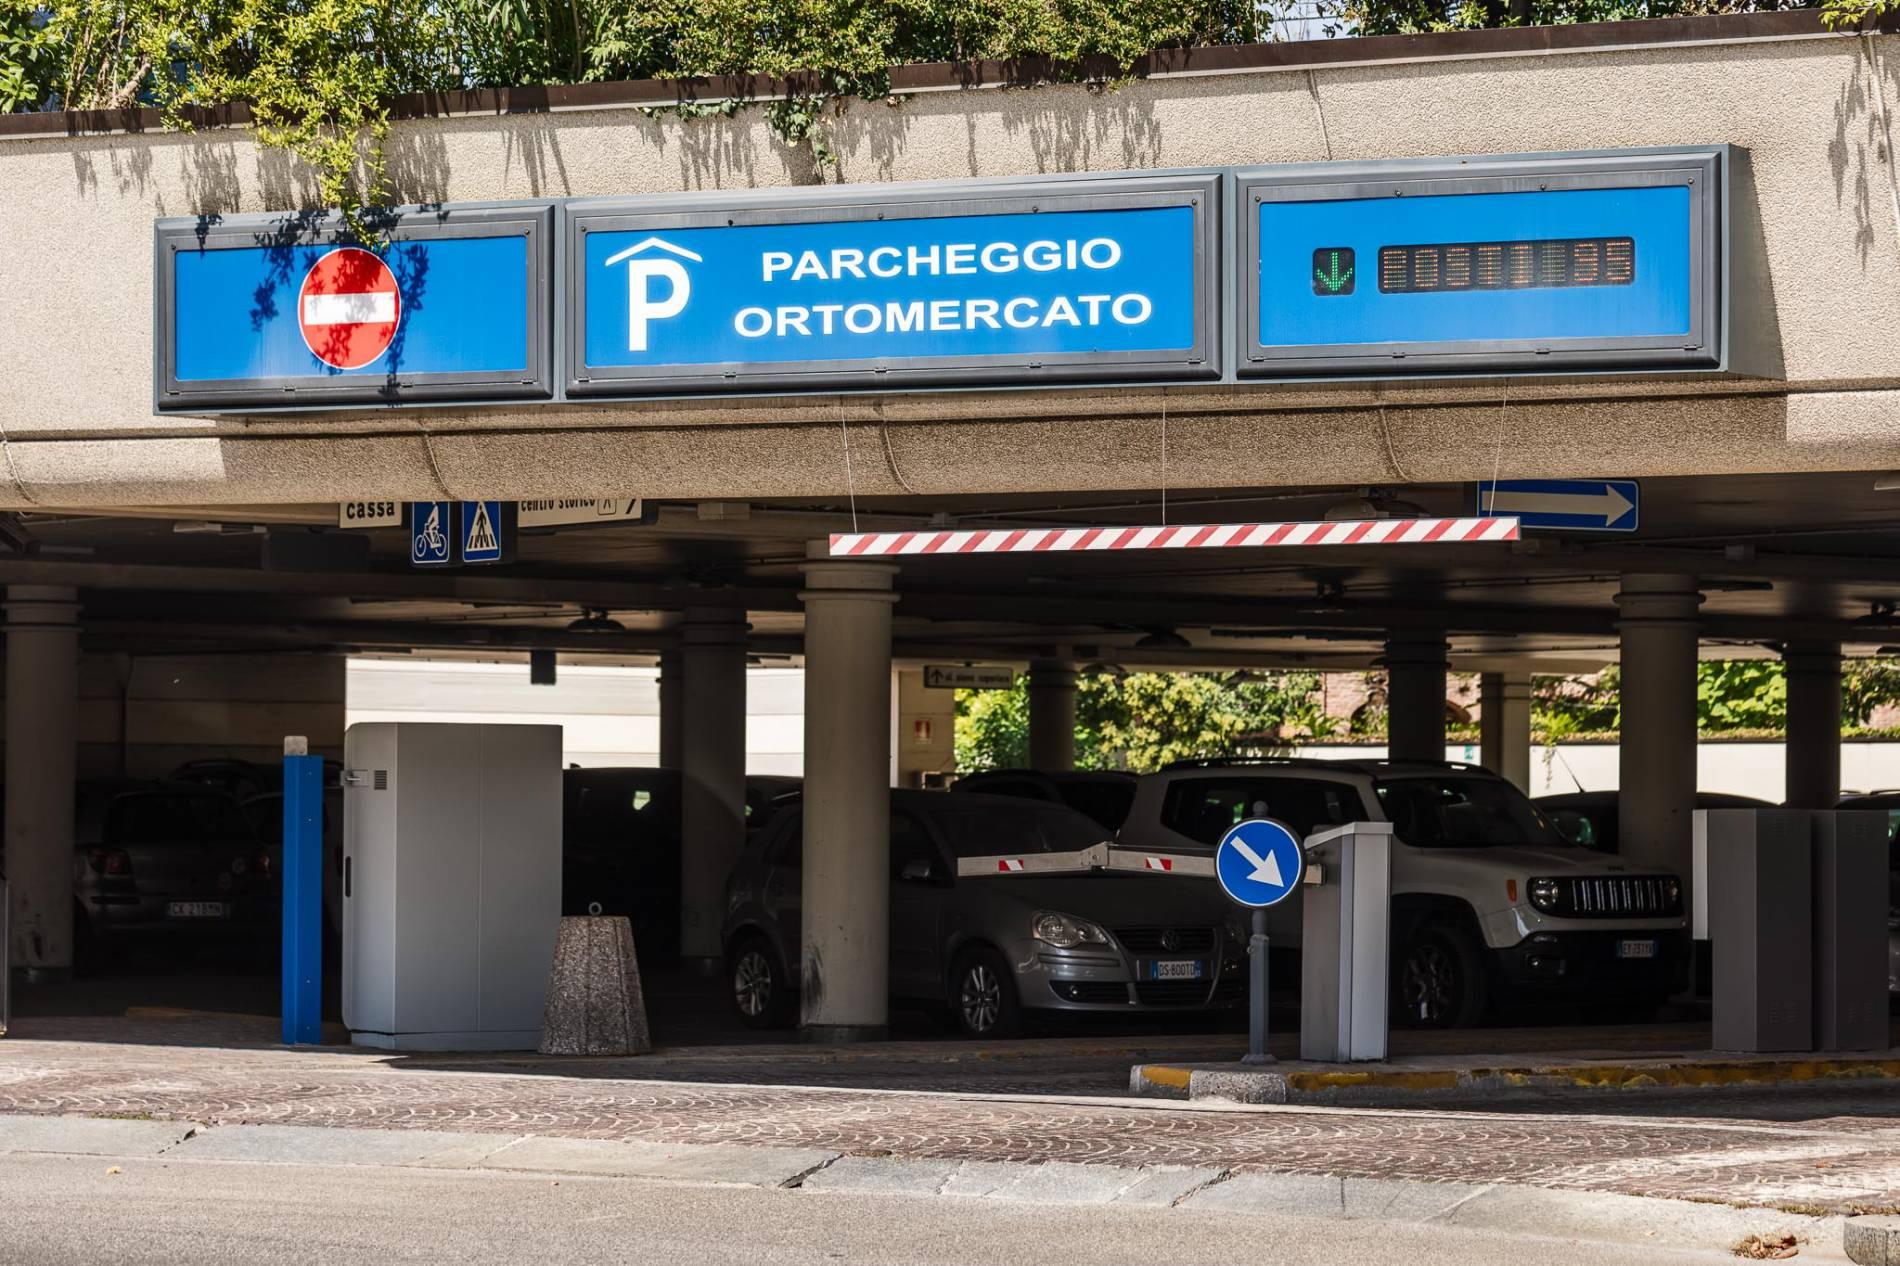 lavori-manutenzione-parcheggi-ortomercato